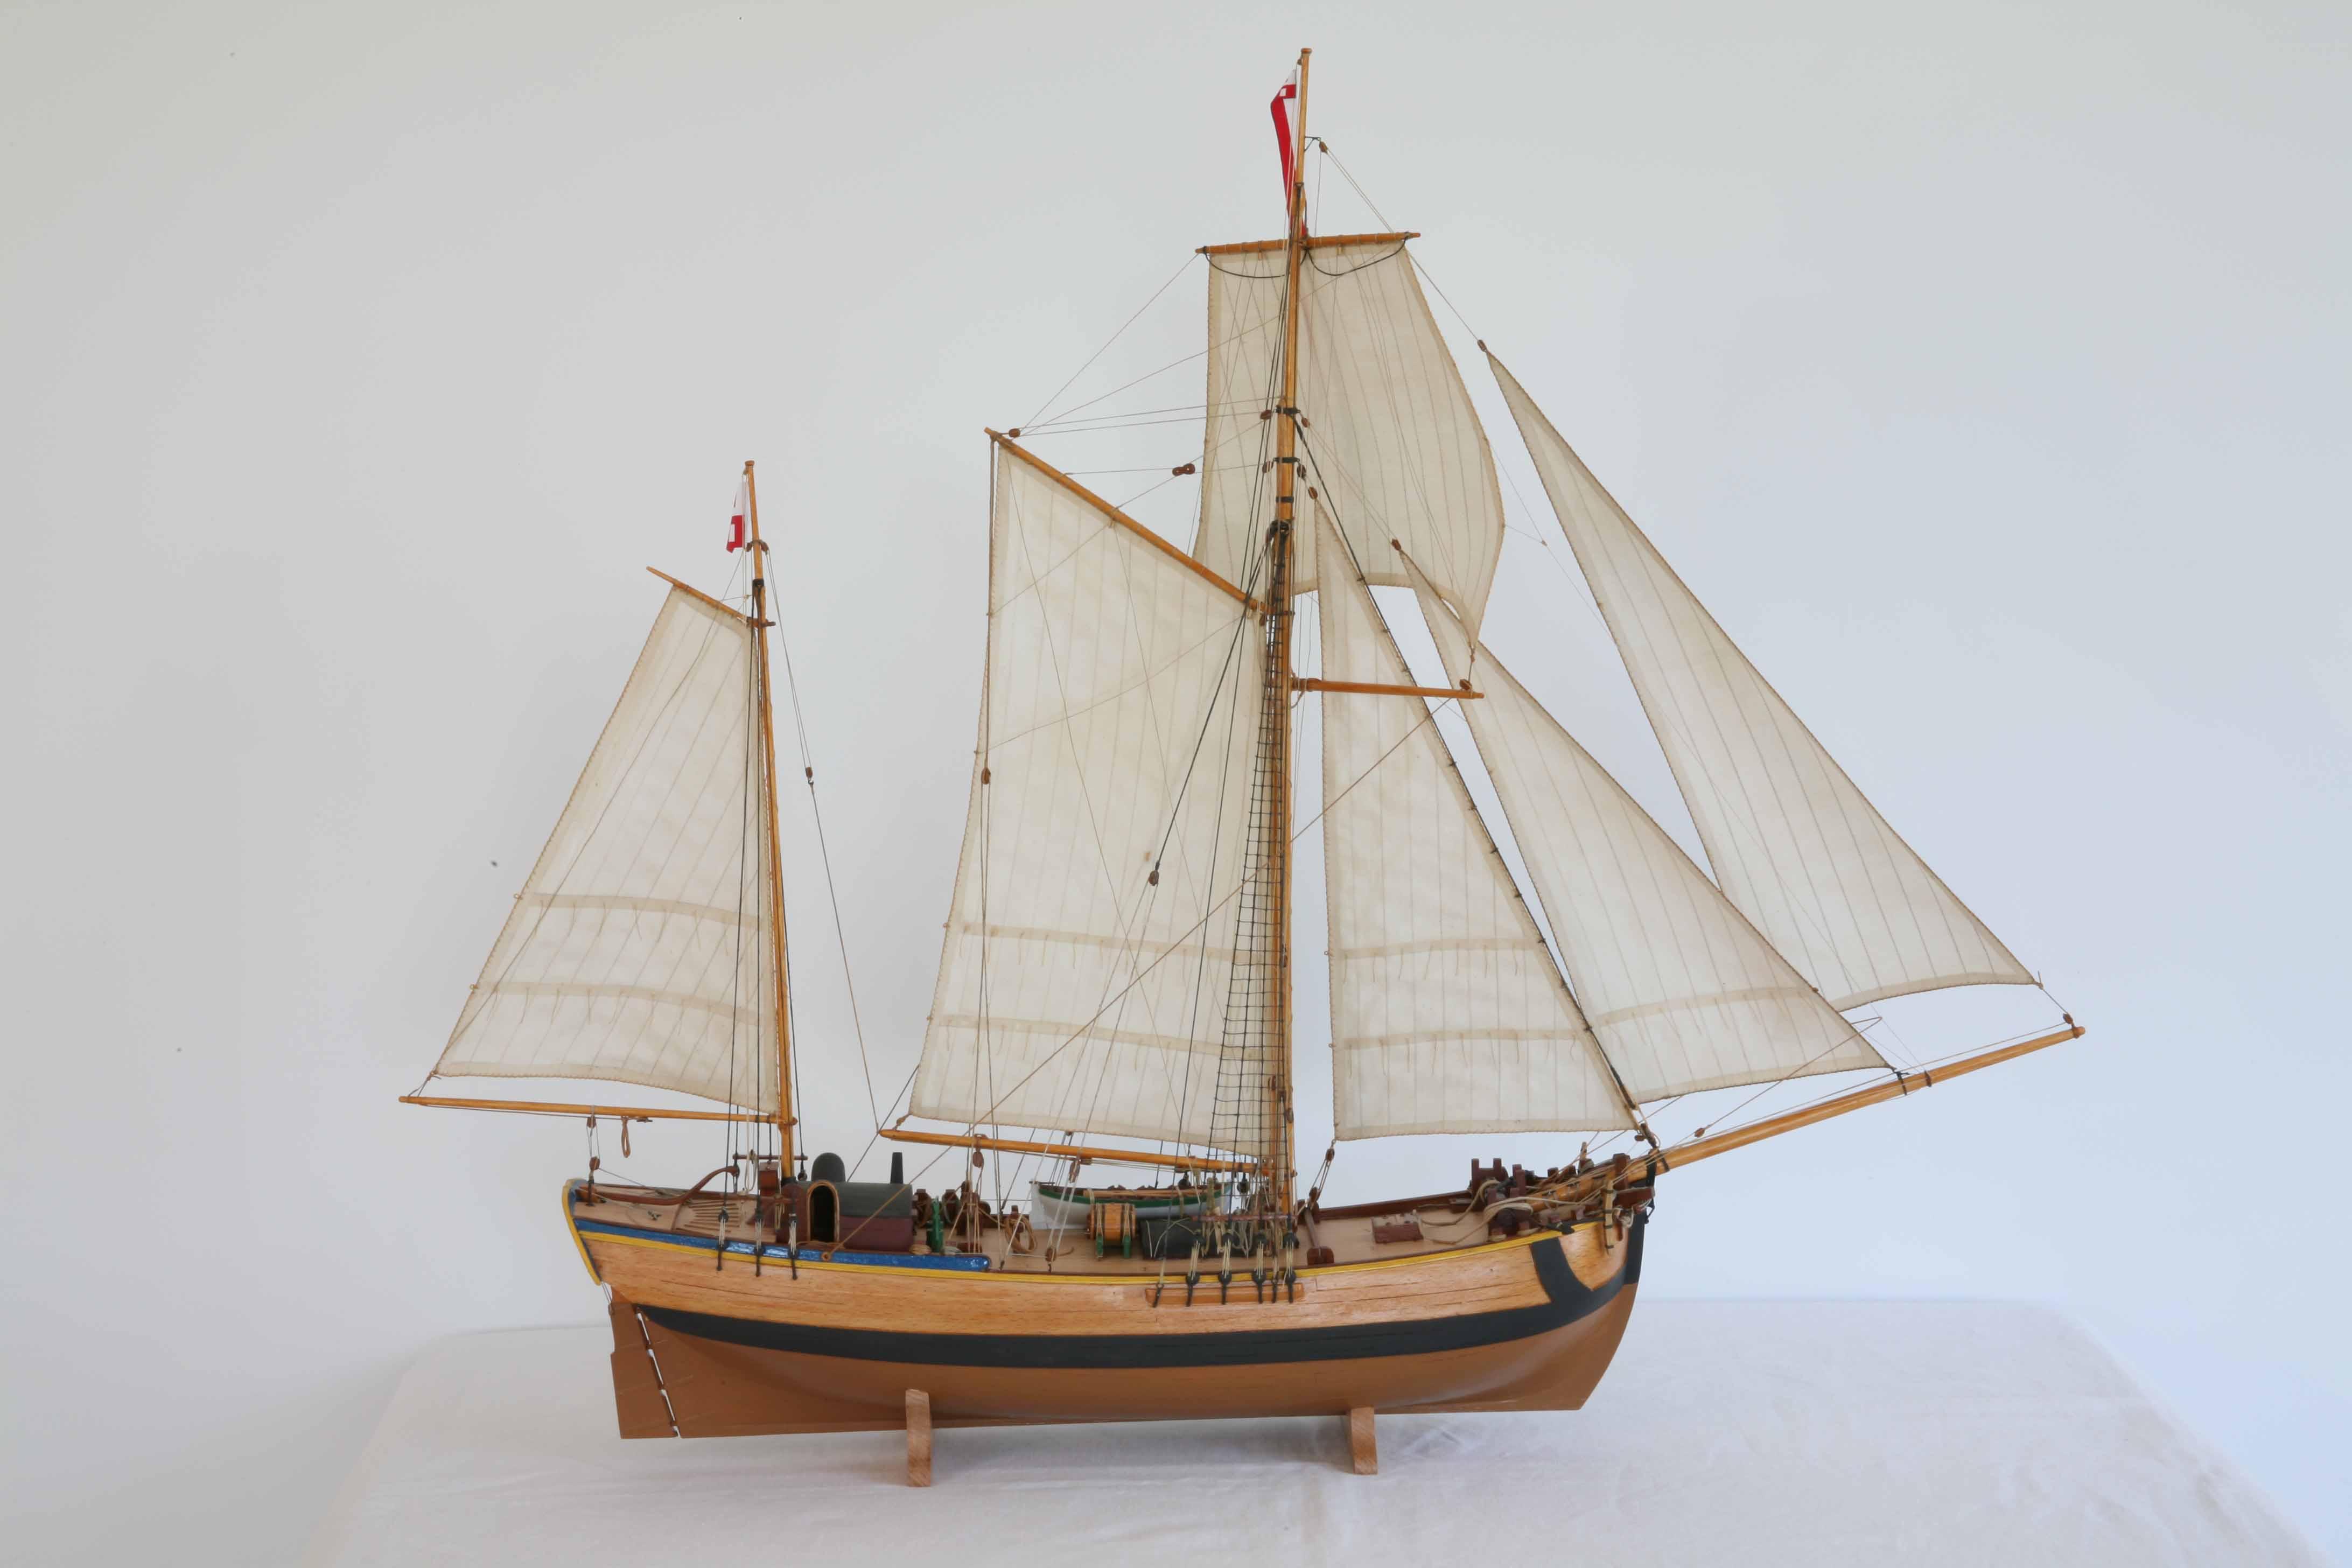 Schiffsmodell stettiner galeasse 18 jahrhundert segelschiff for Mobel 19 jahrhundert